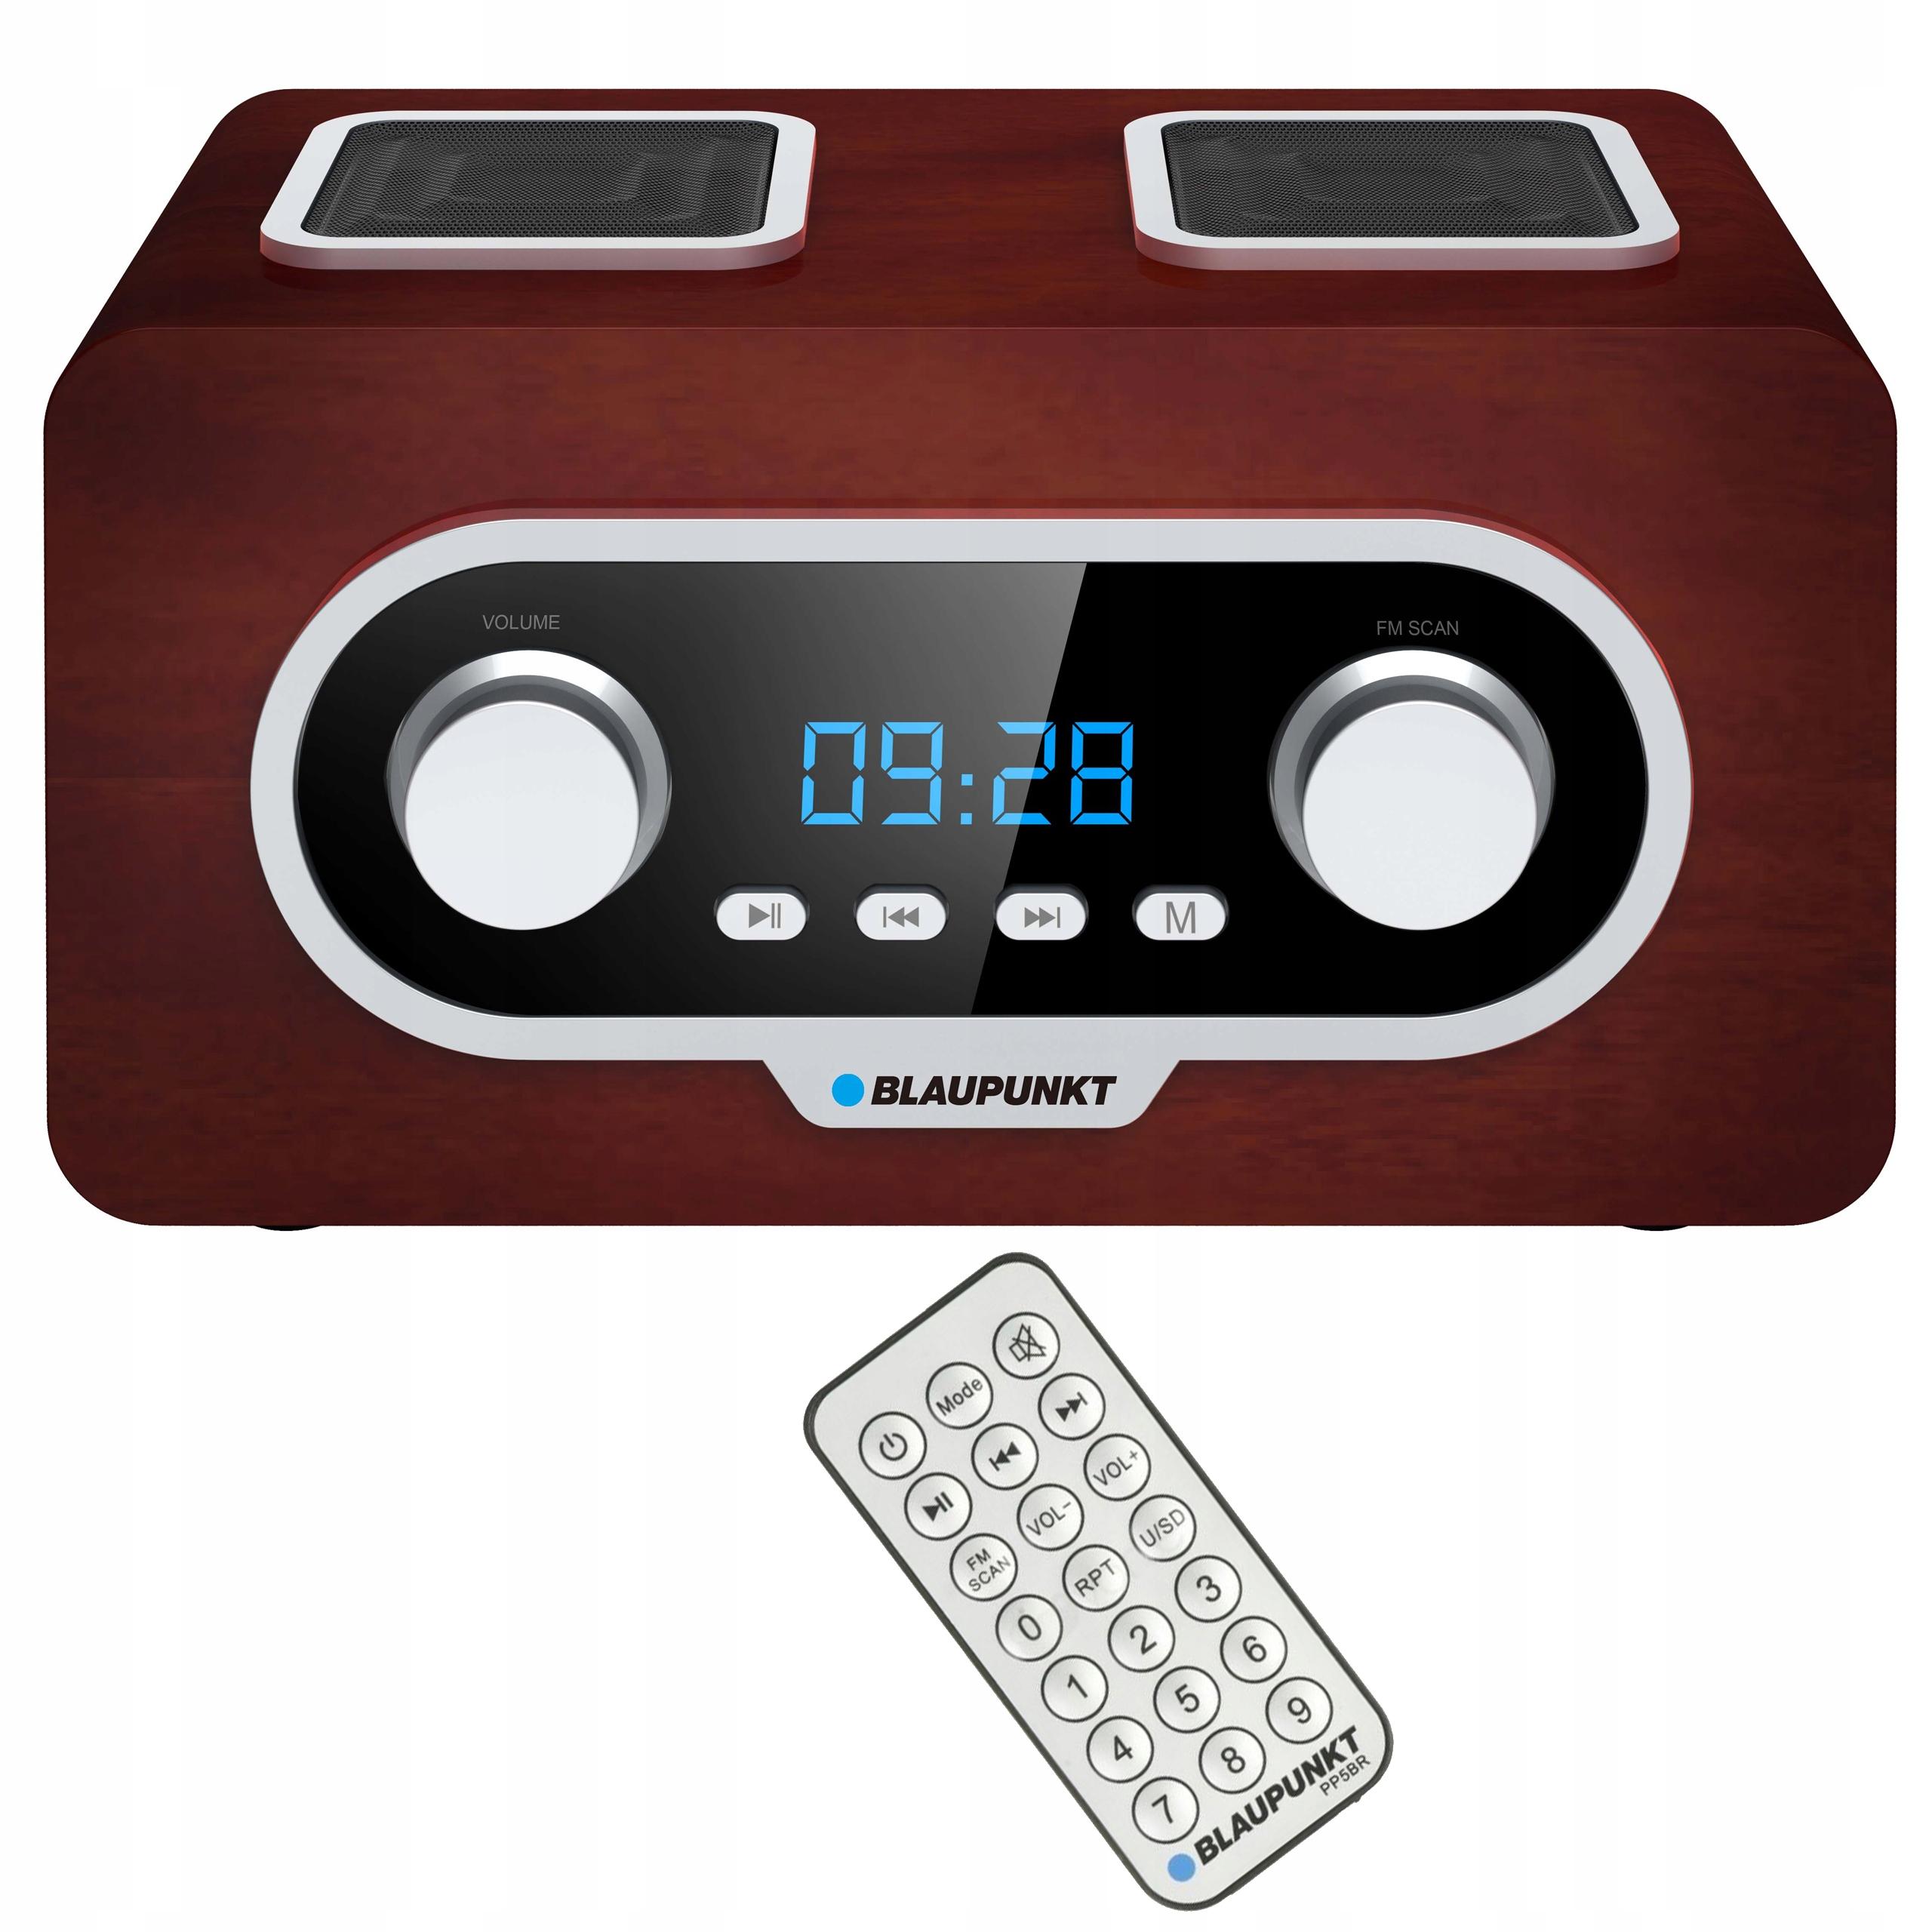 BLAUPUNKT PRENOSNÉ RÁDIO FM, USB, MP3, DIAĽKOVÉ PP5.2BR